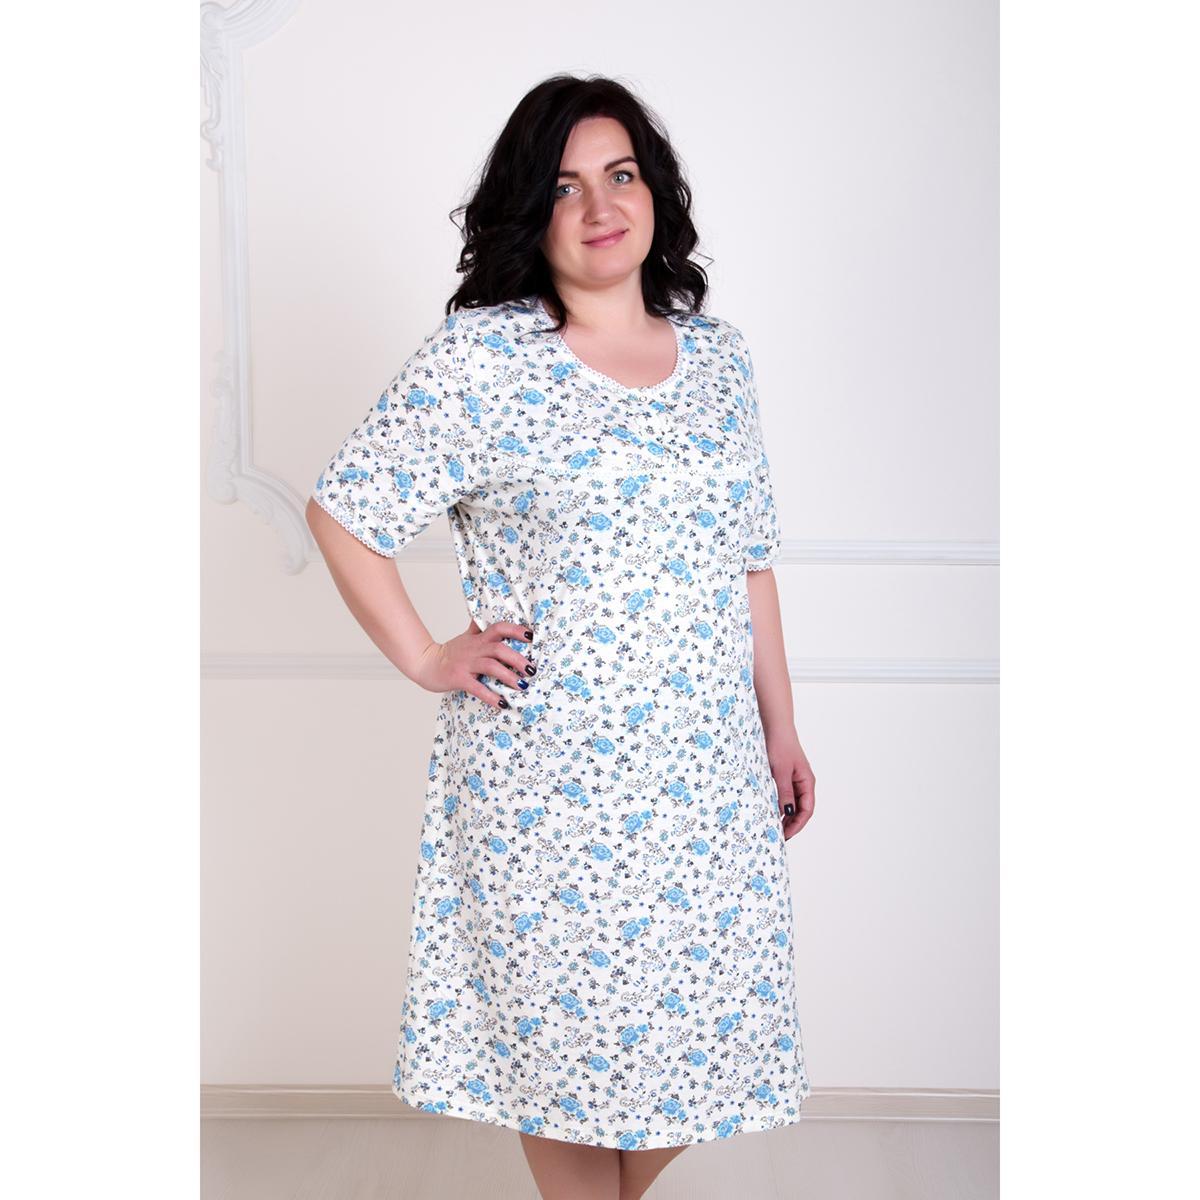 Женская сорочка Цветочек арт. 0289, размер 48Ночные сорочки<br>Обхват груди:96 см<br>Обхват талии:78 см<br>Обхват бедер:104 см<br>Рост:167 см<br><br>Тип: Жен. сорочка<br>Размер: 48<br>Материал: Кулирка